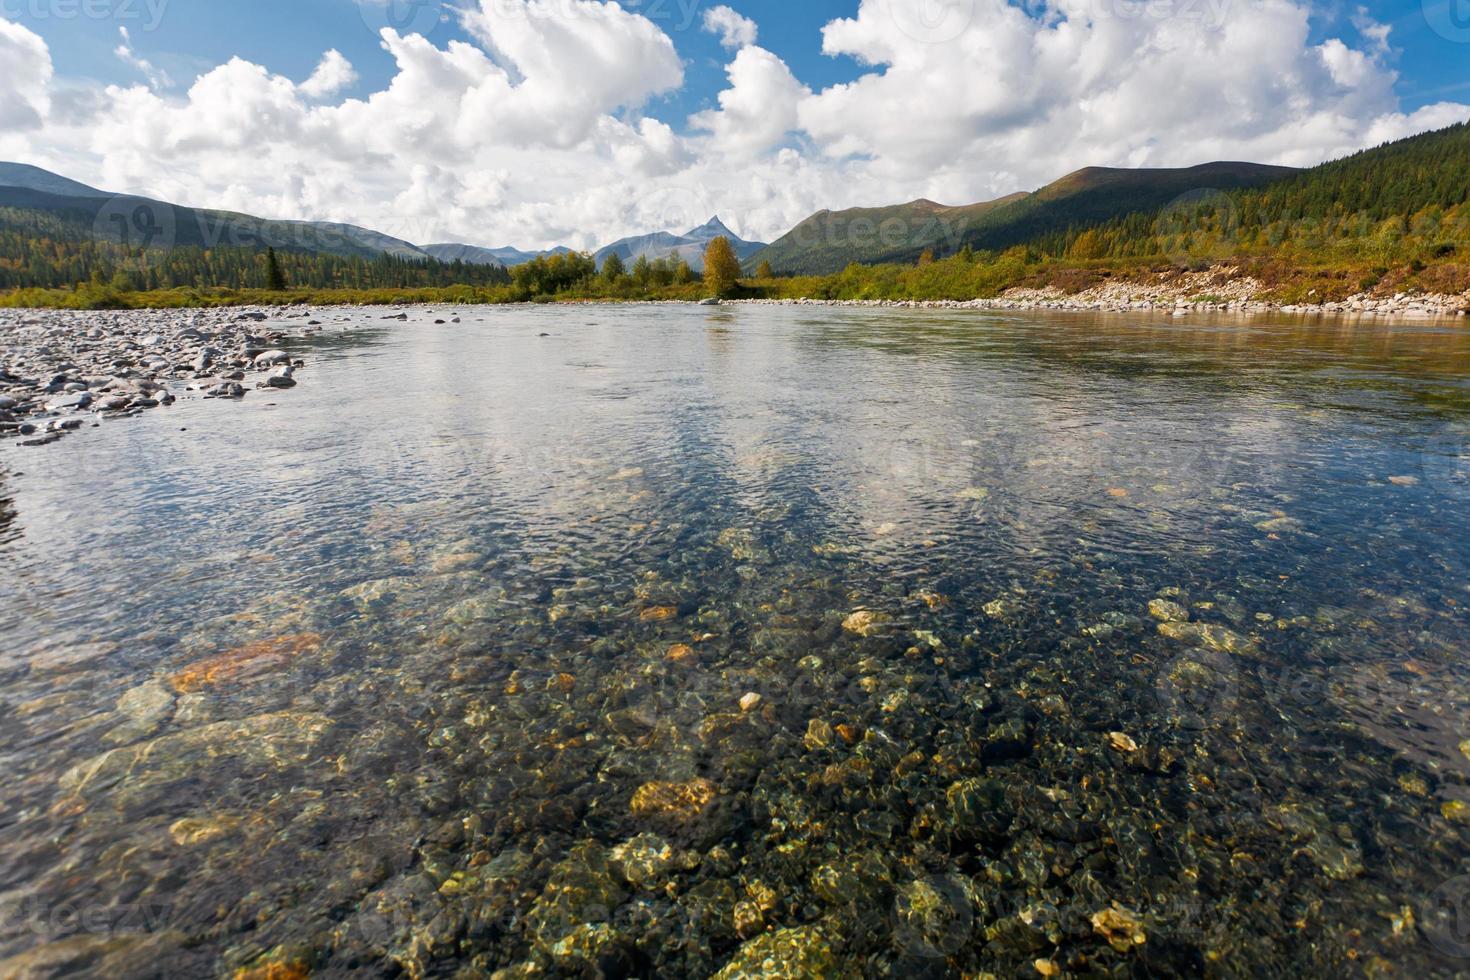 paysage sauvage dans les montagnes de l'Oural. photo